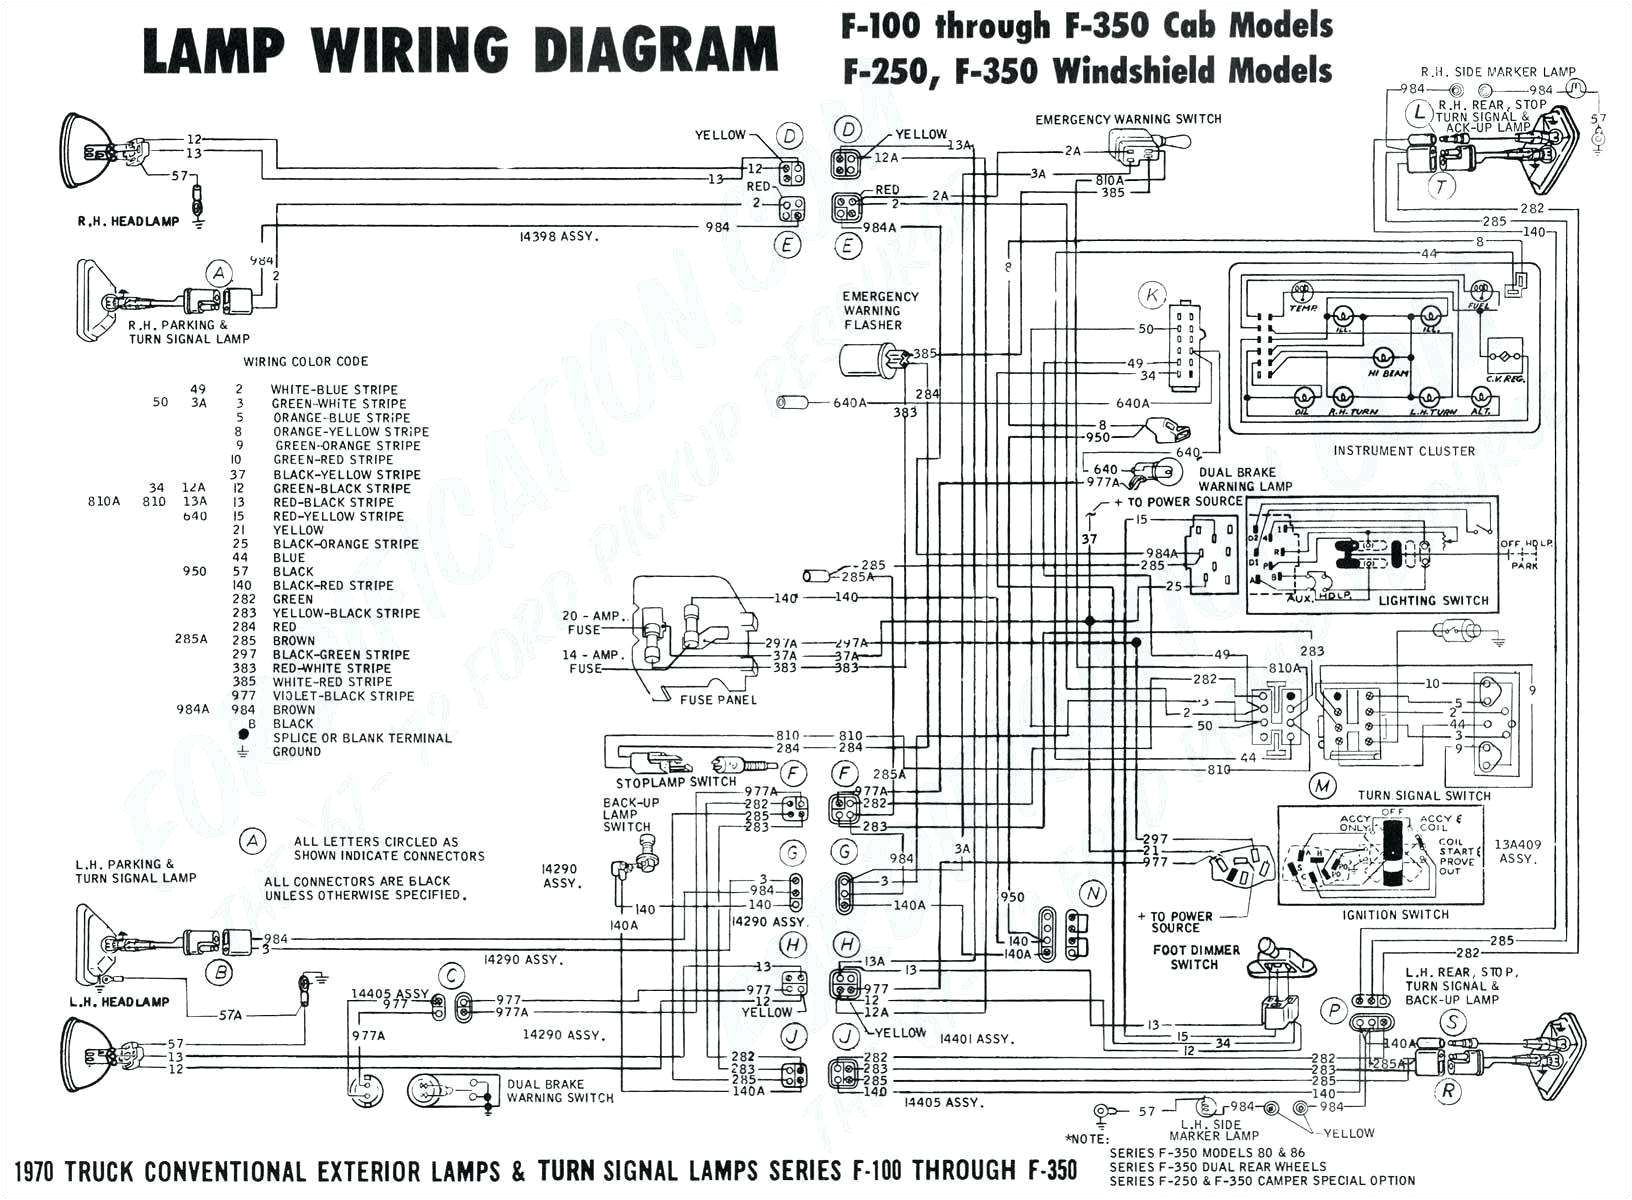 03 dodge caravan wiring schematics 8421 wiring diagram 334kb 2000 dodge caravan radio wiring 2000 dodge grand caravan sport